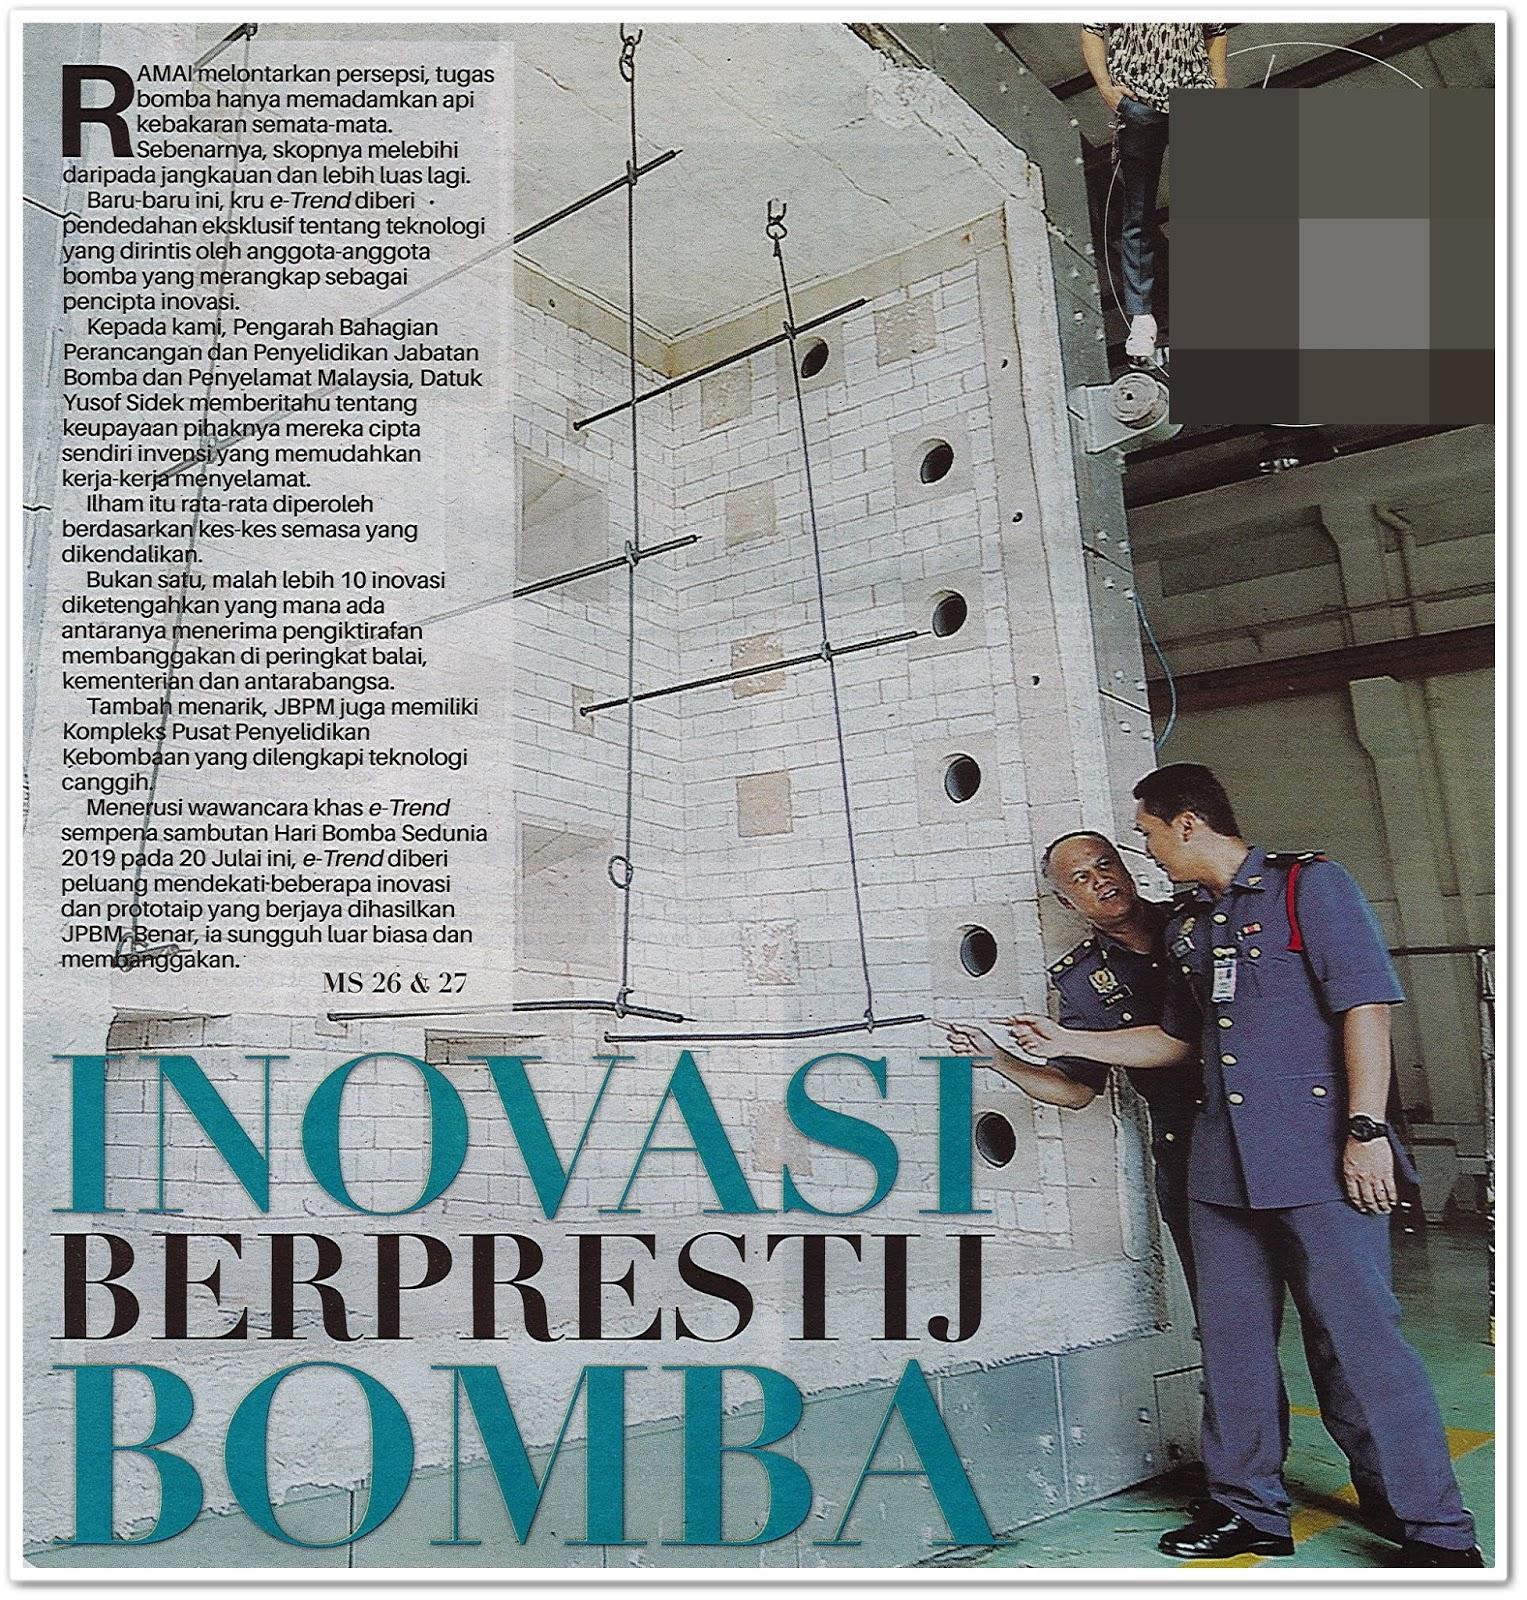 Inovasi berprestij bomba - Keratan akhbar Sinar Harian 18 Julai 2019